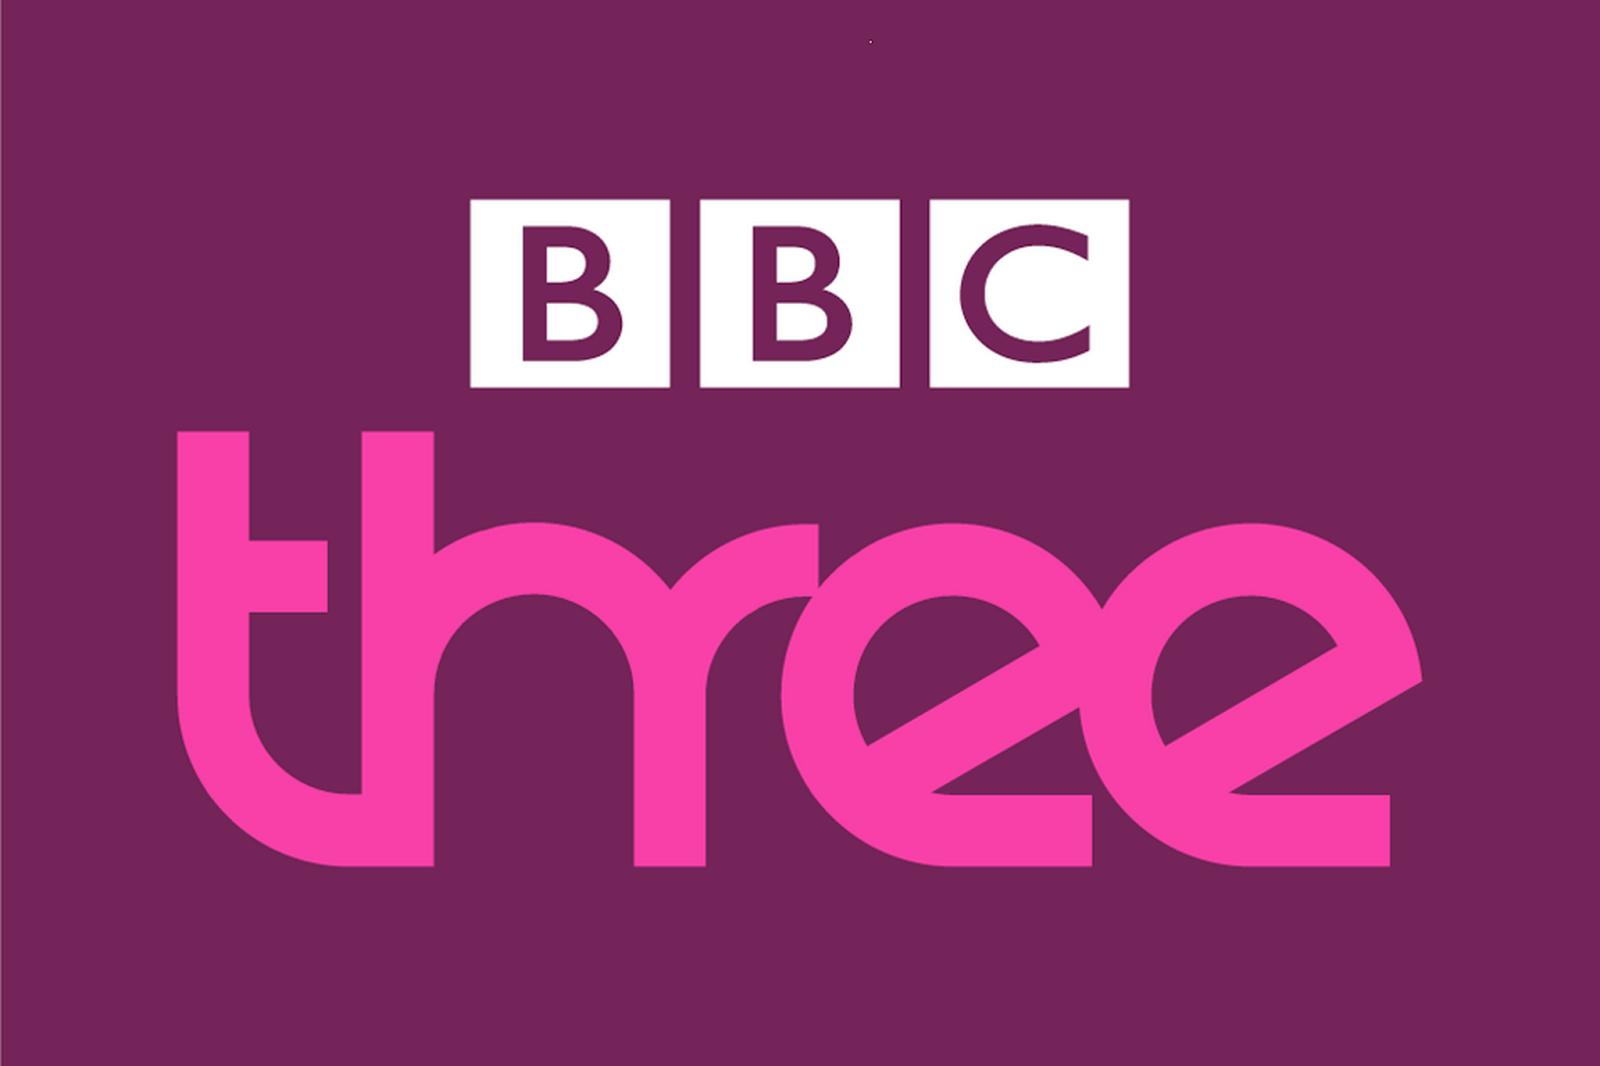 BBC Three | HD TV Channel - Three HD PNG